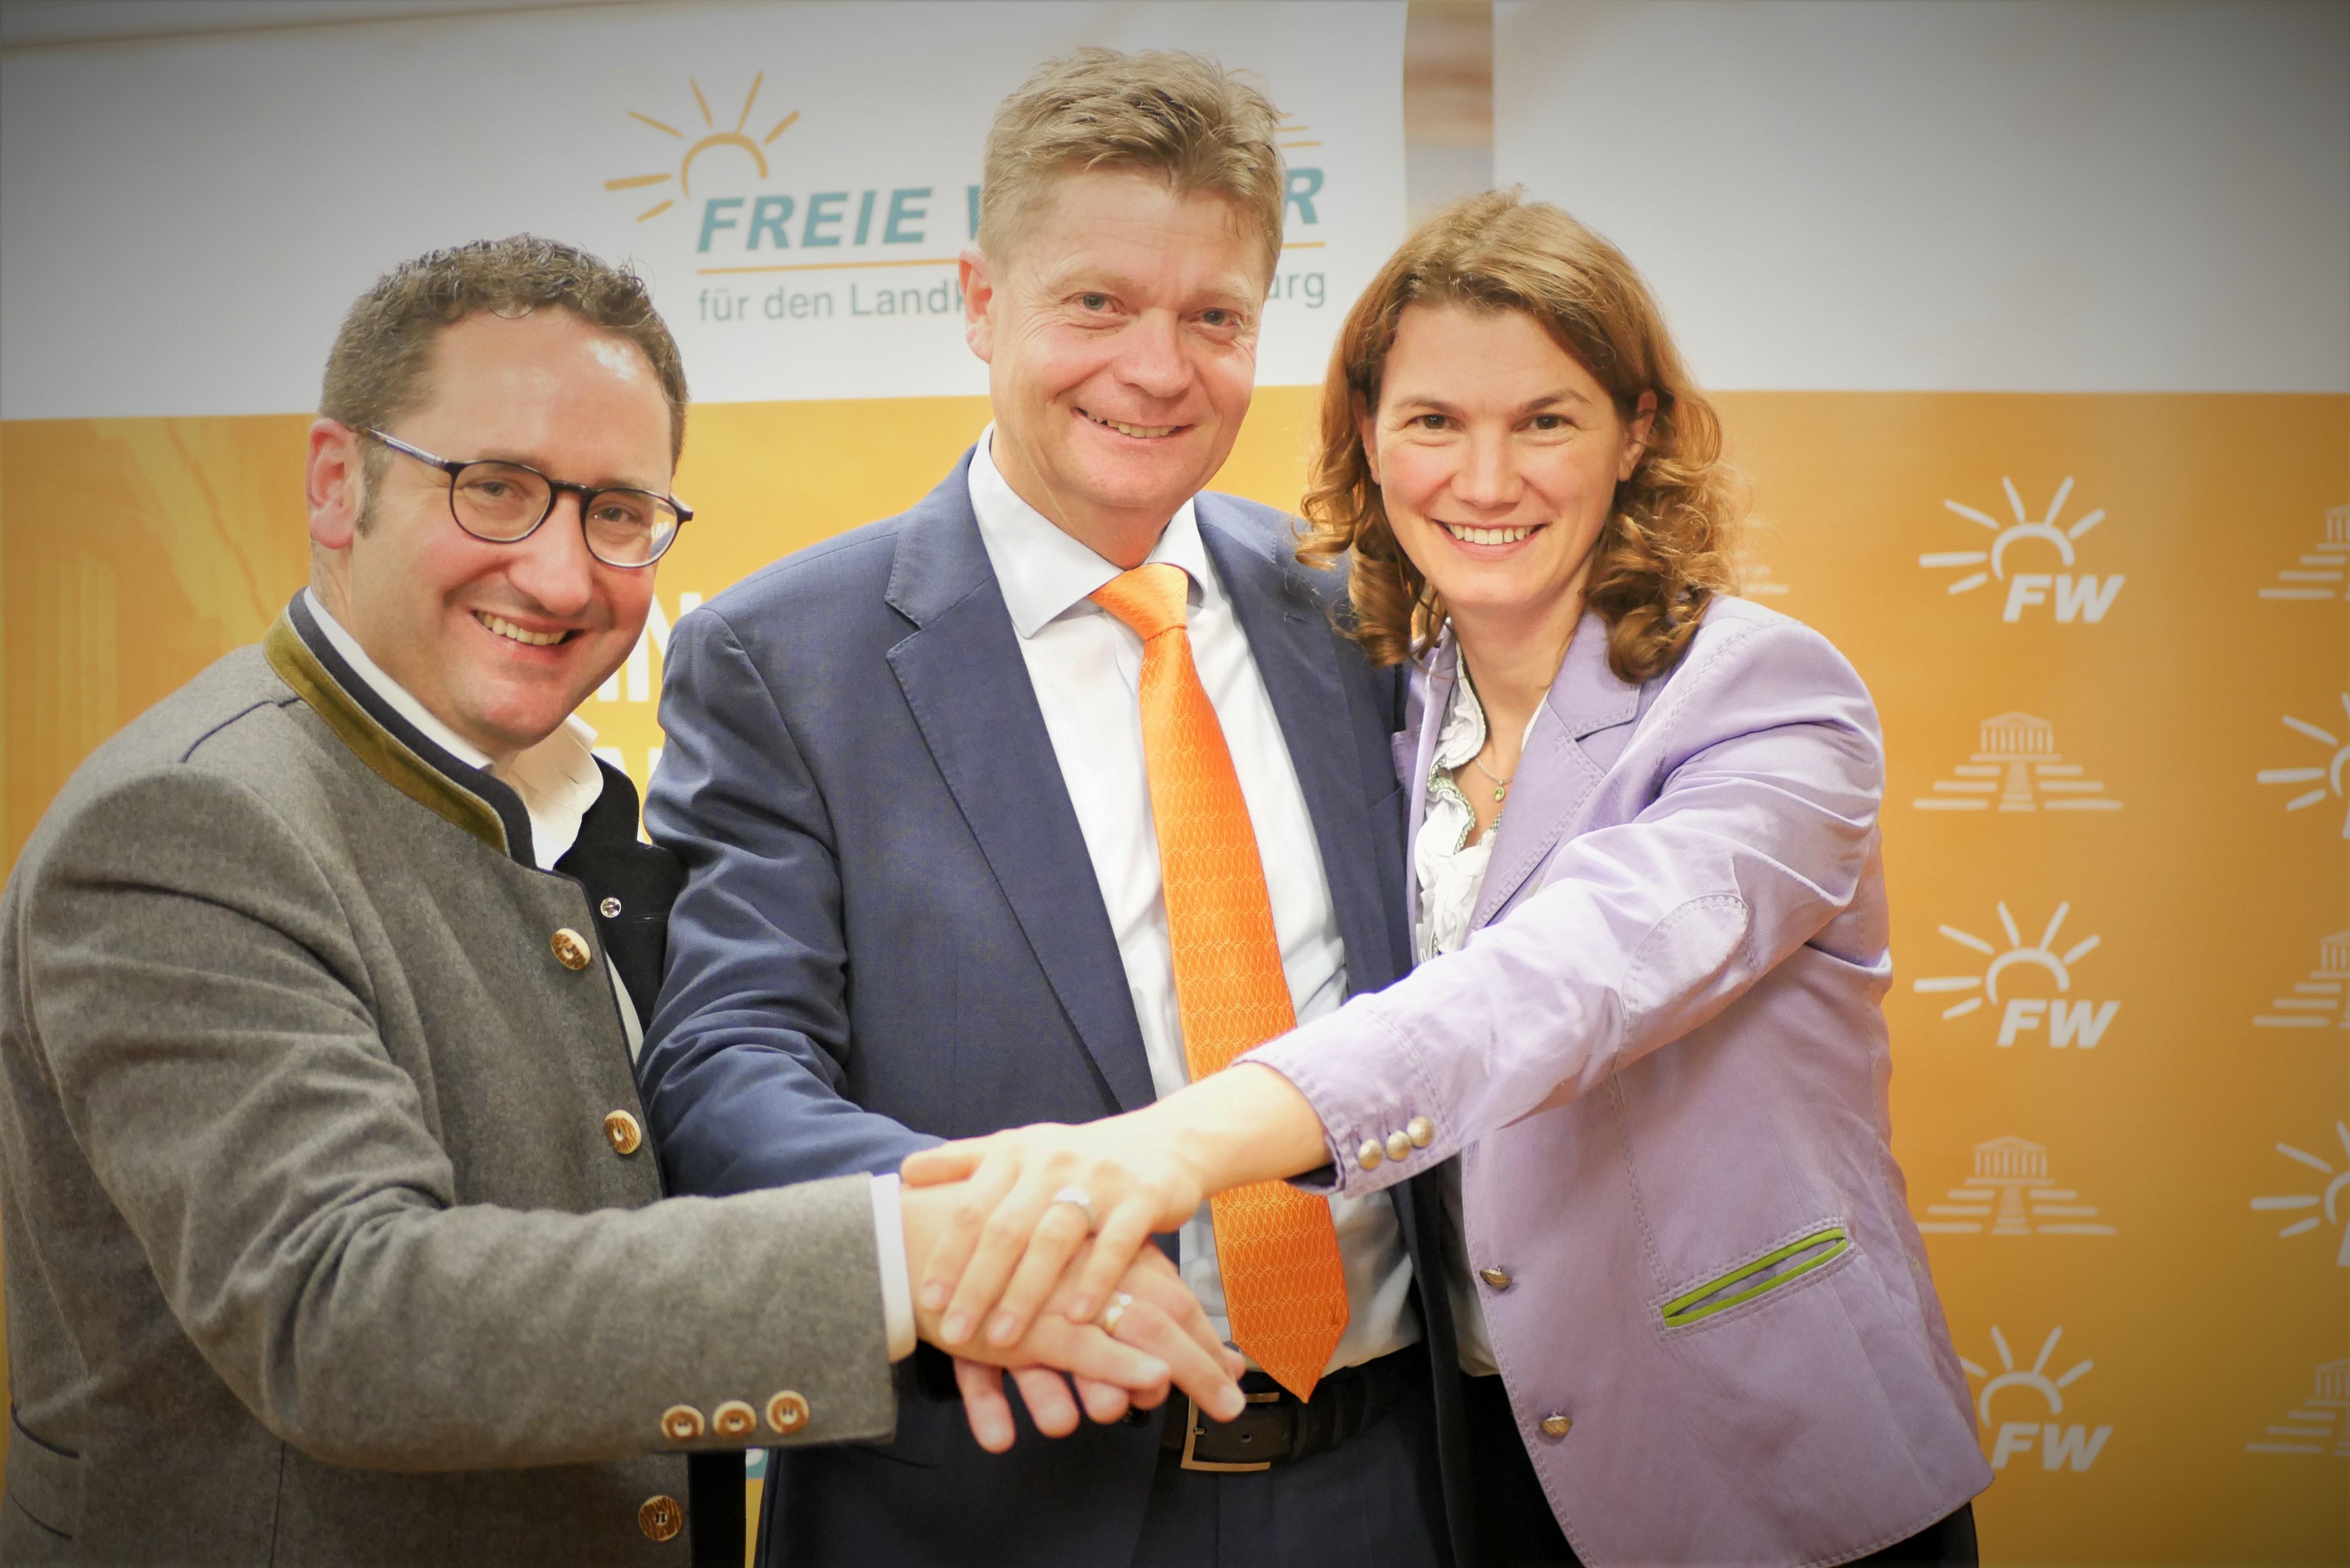 Harald Stadler ohne Gegenstimme als Kreisvorsitzender bestätigt